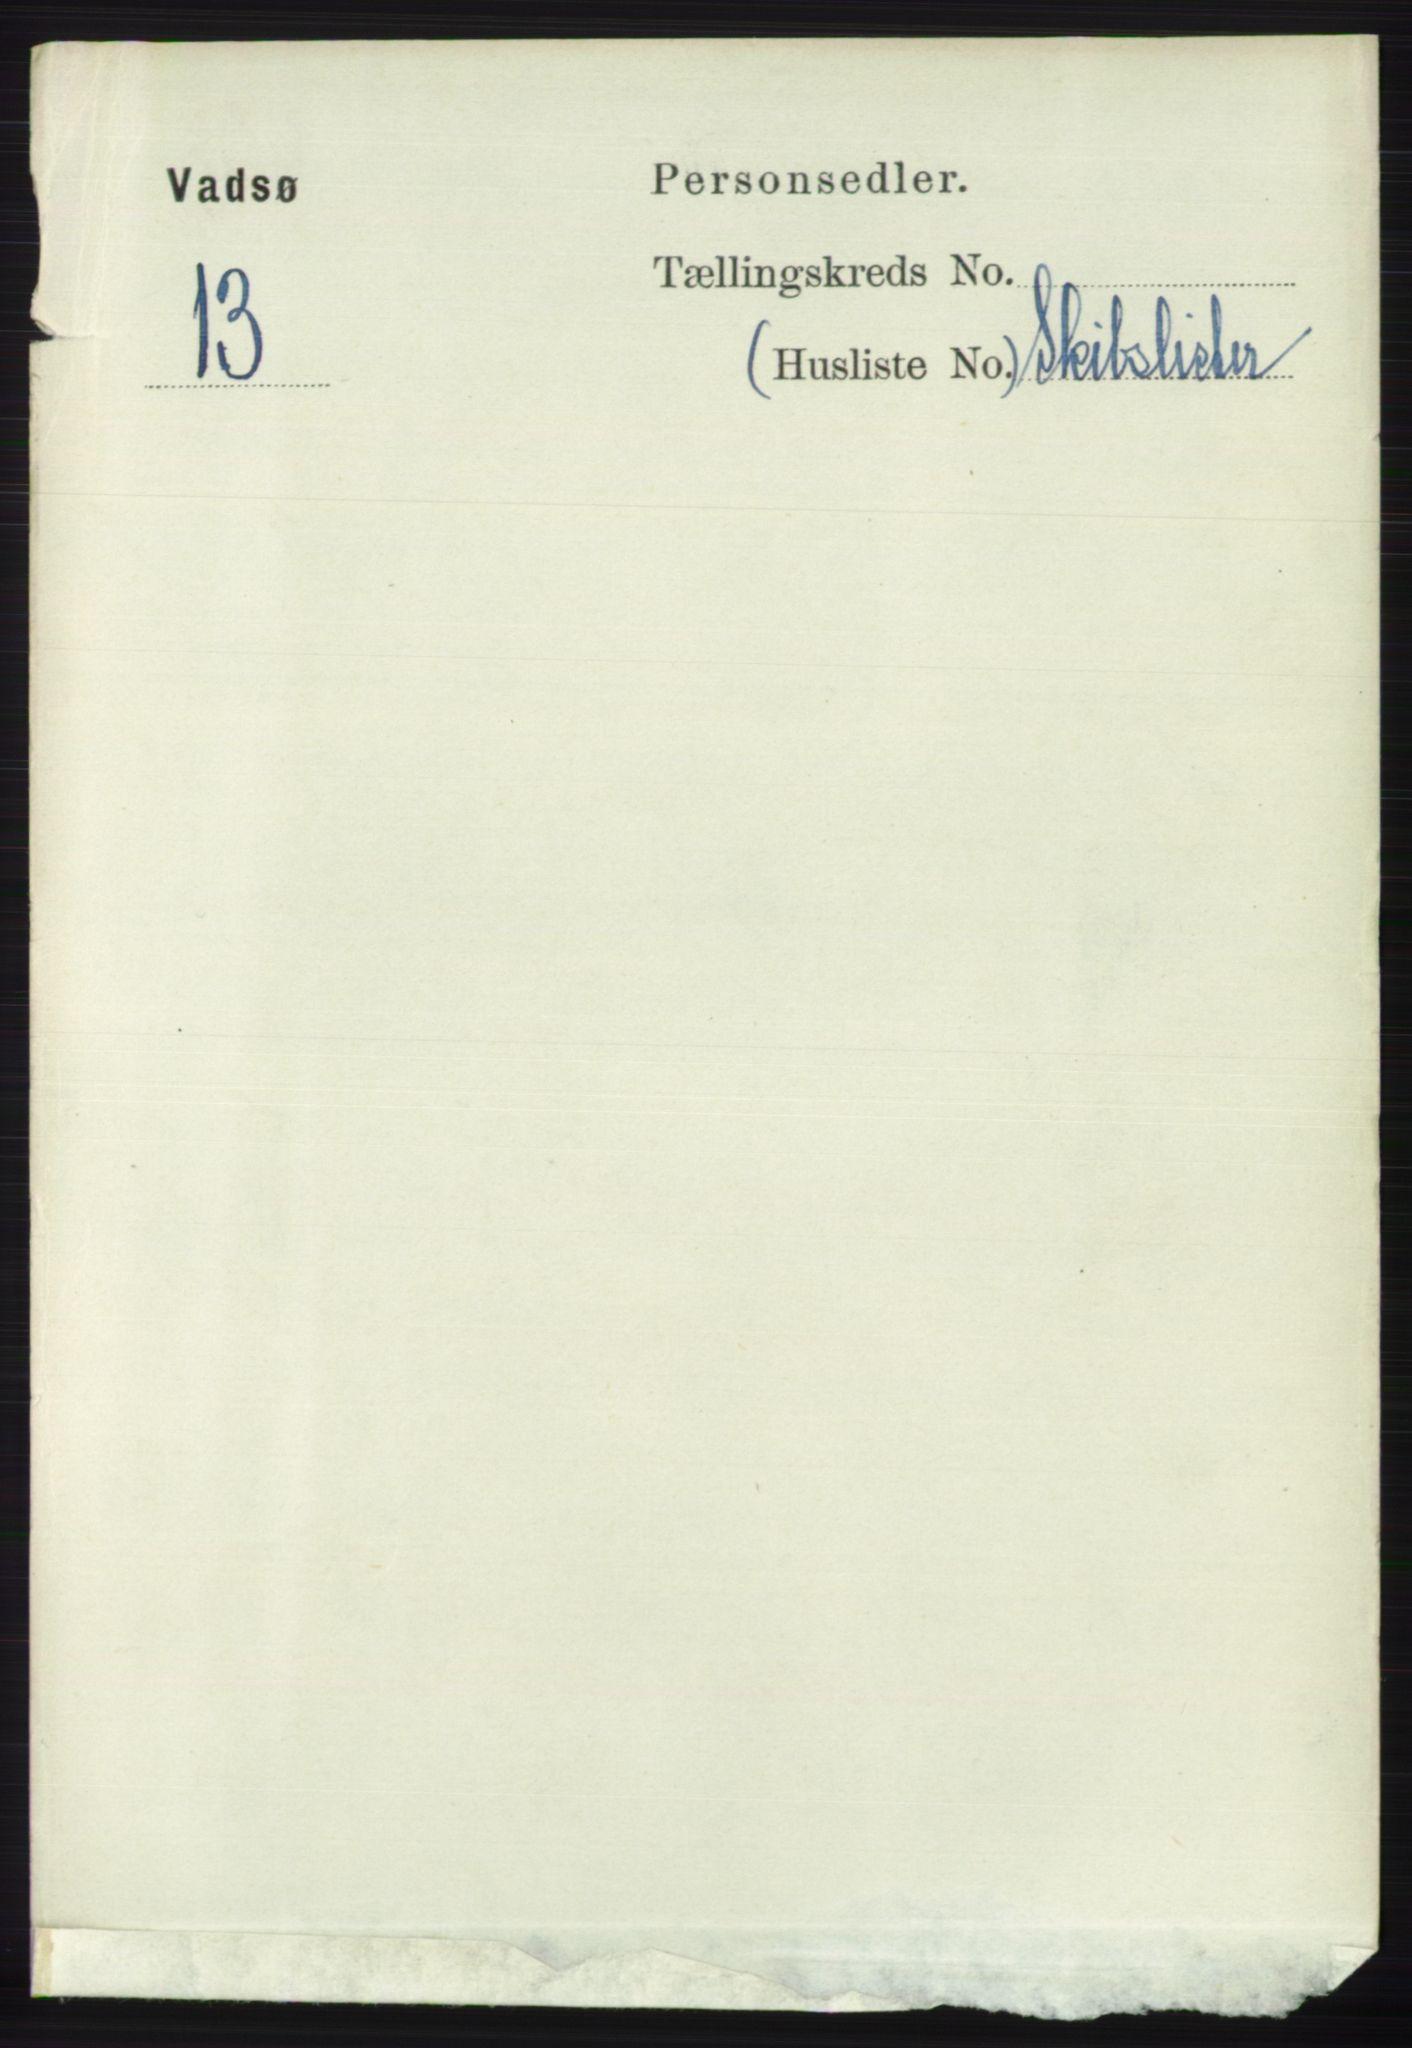 RA, Folketelling 1891 for 2003 Vadsø kjøpstad, 1891, s. 2347